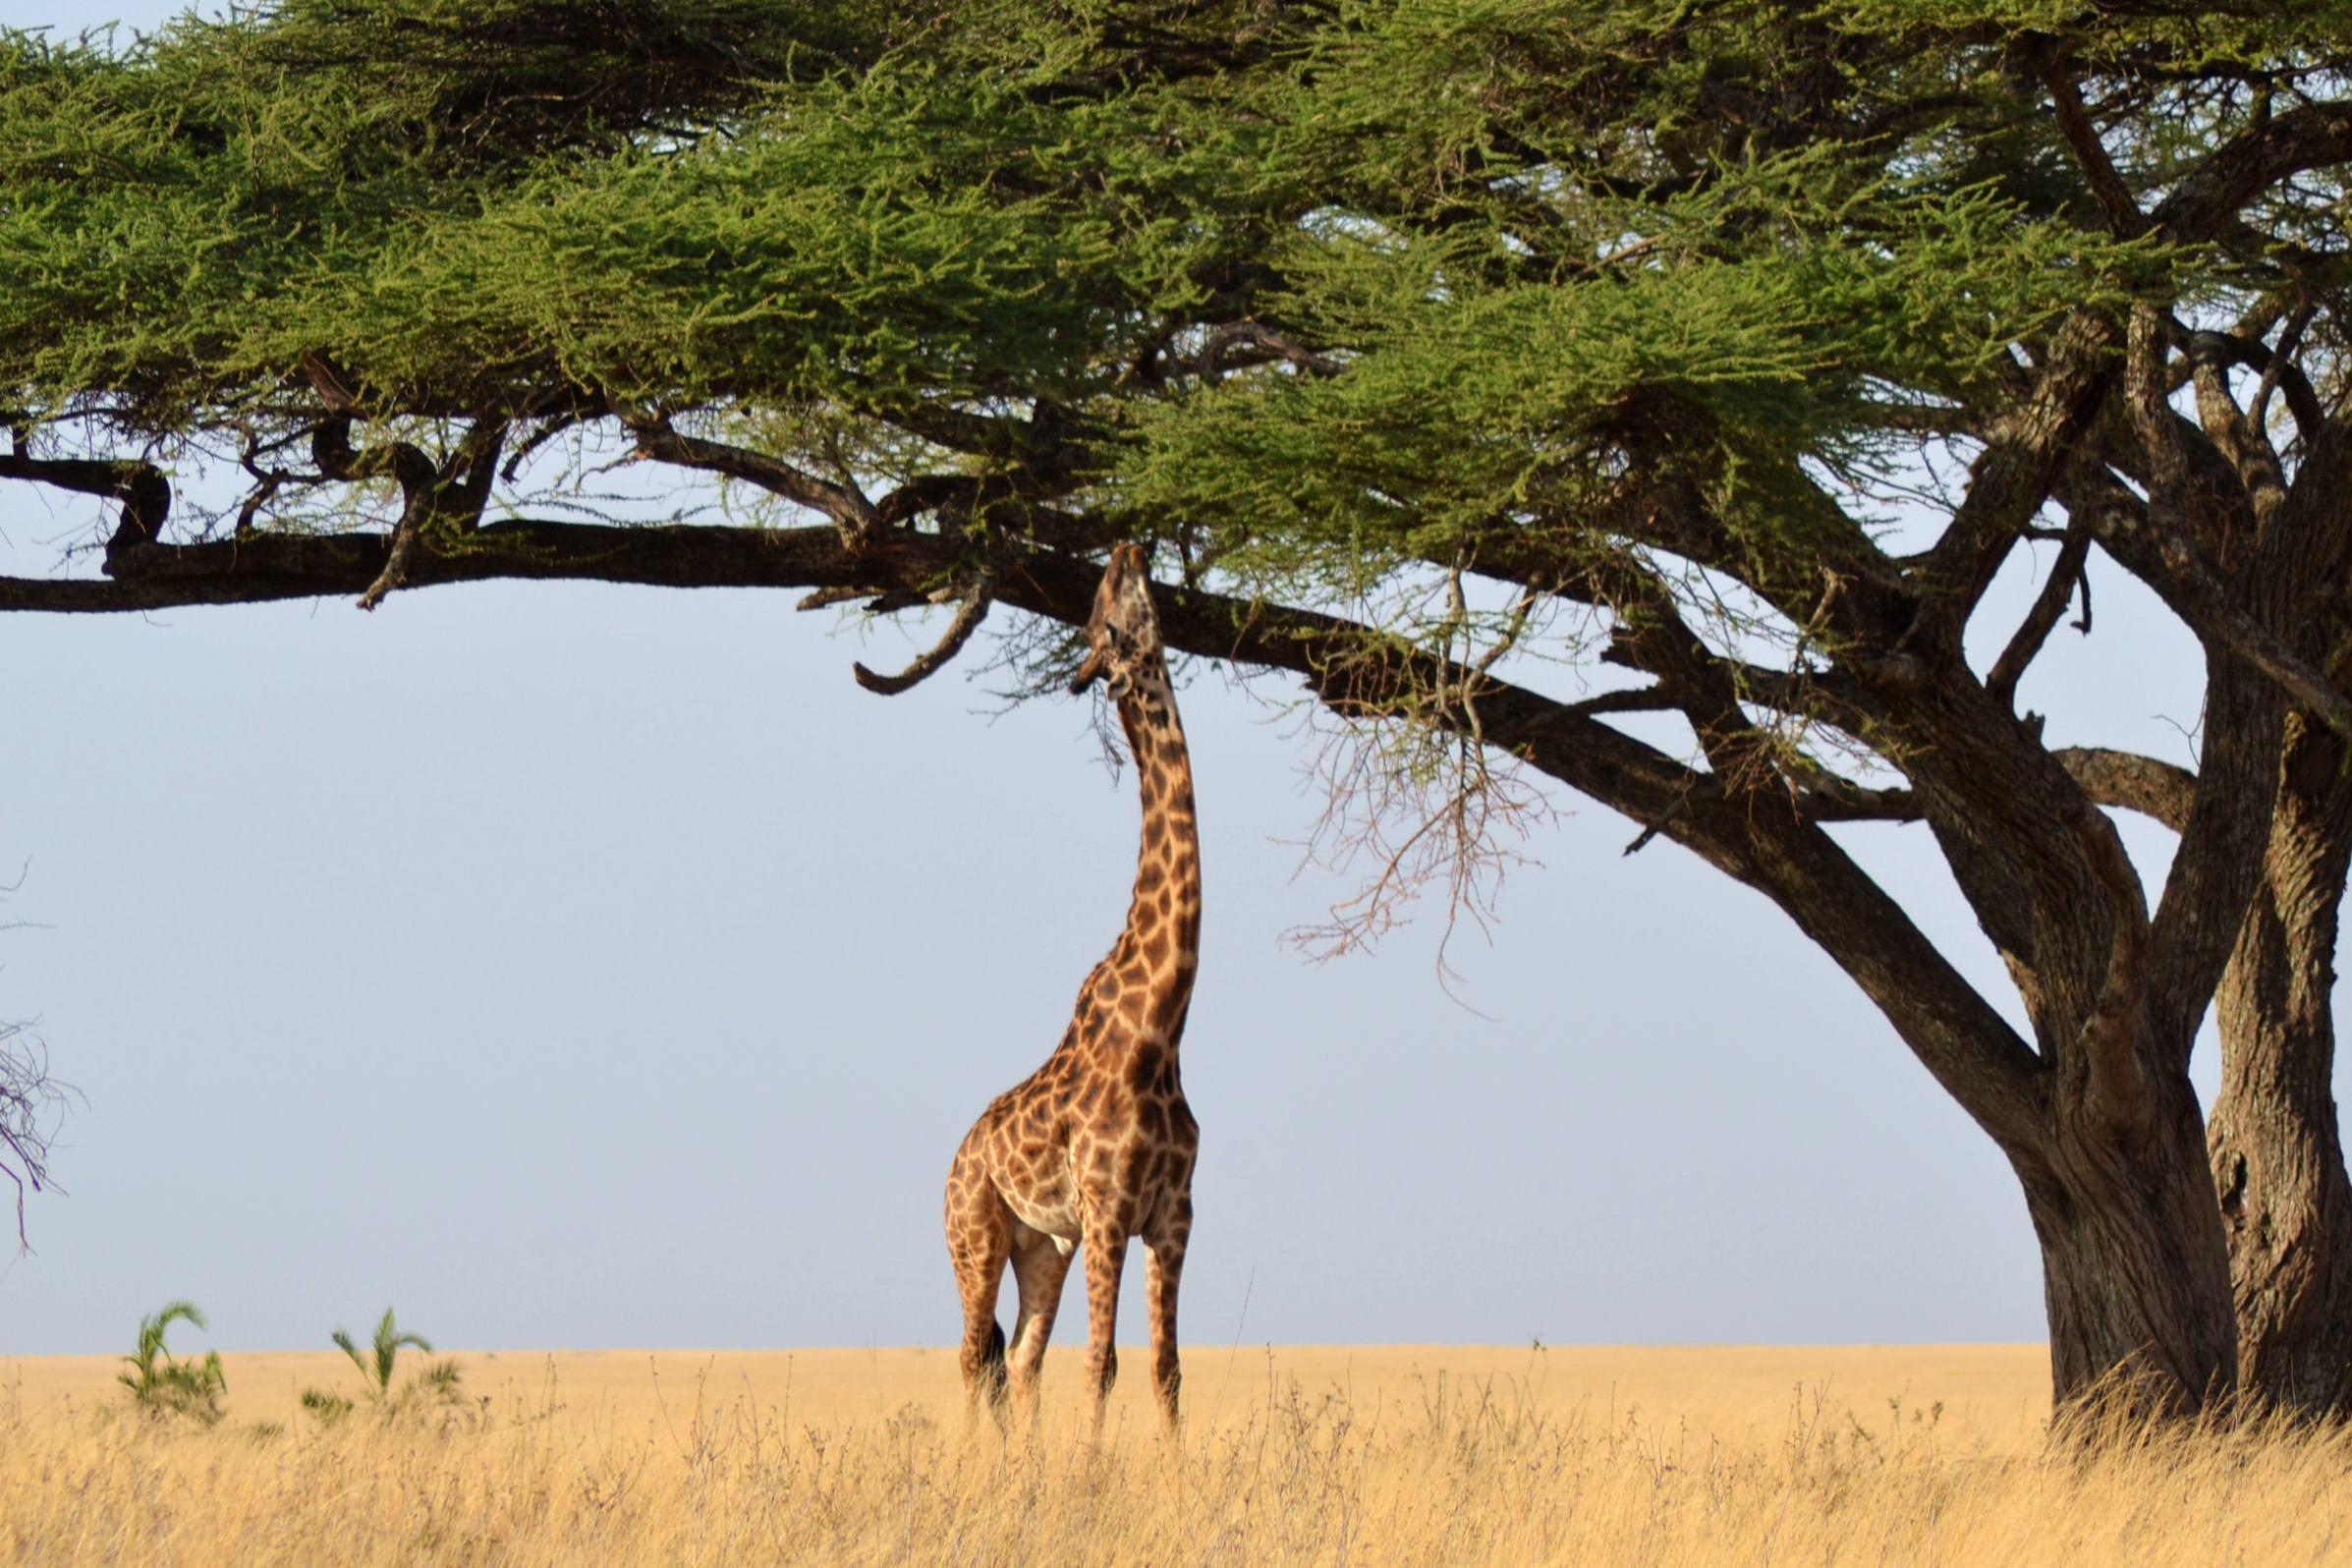 safari_tanzania_serengeti_4